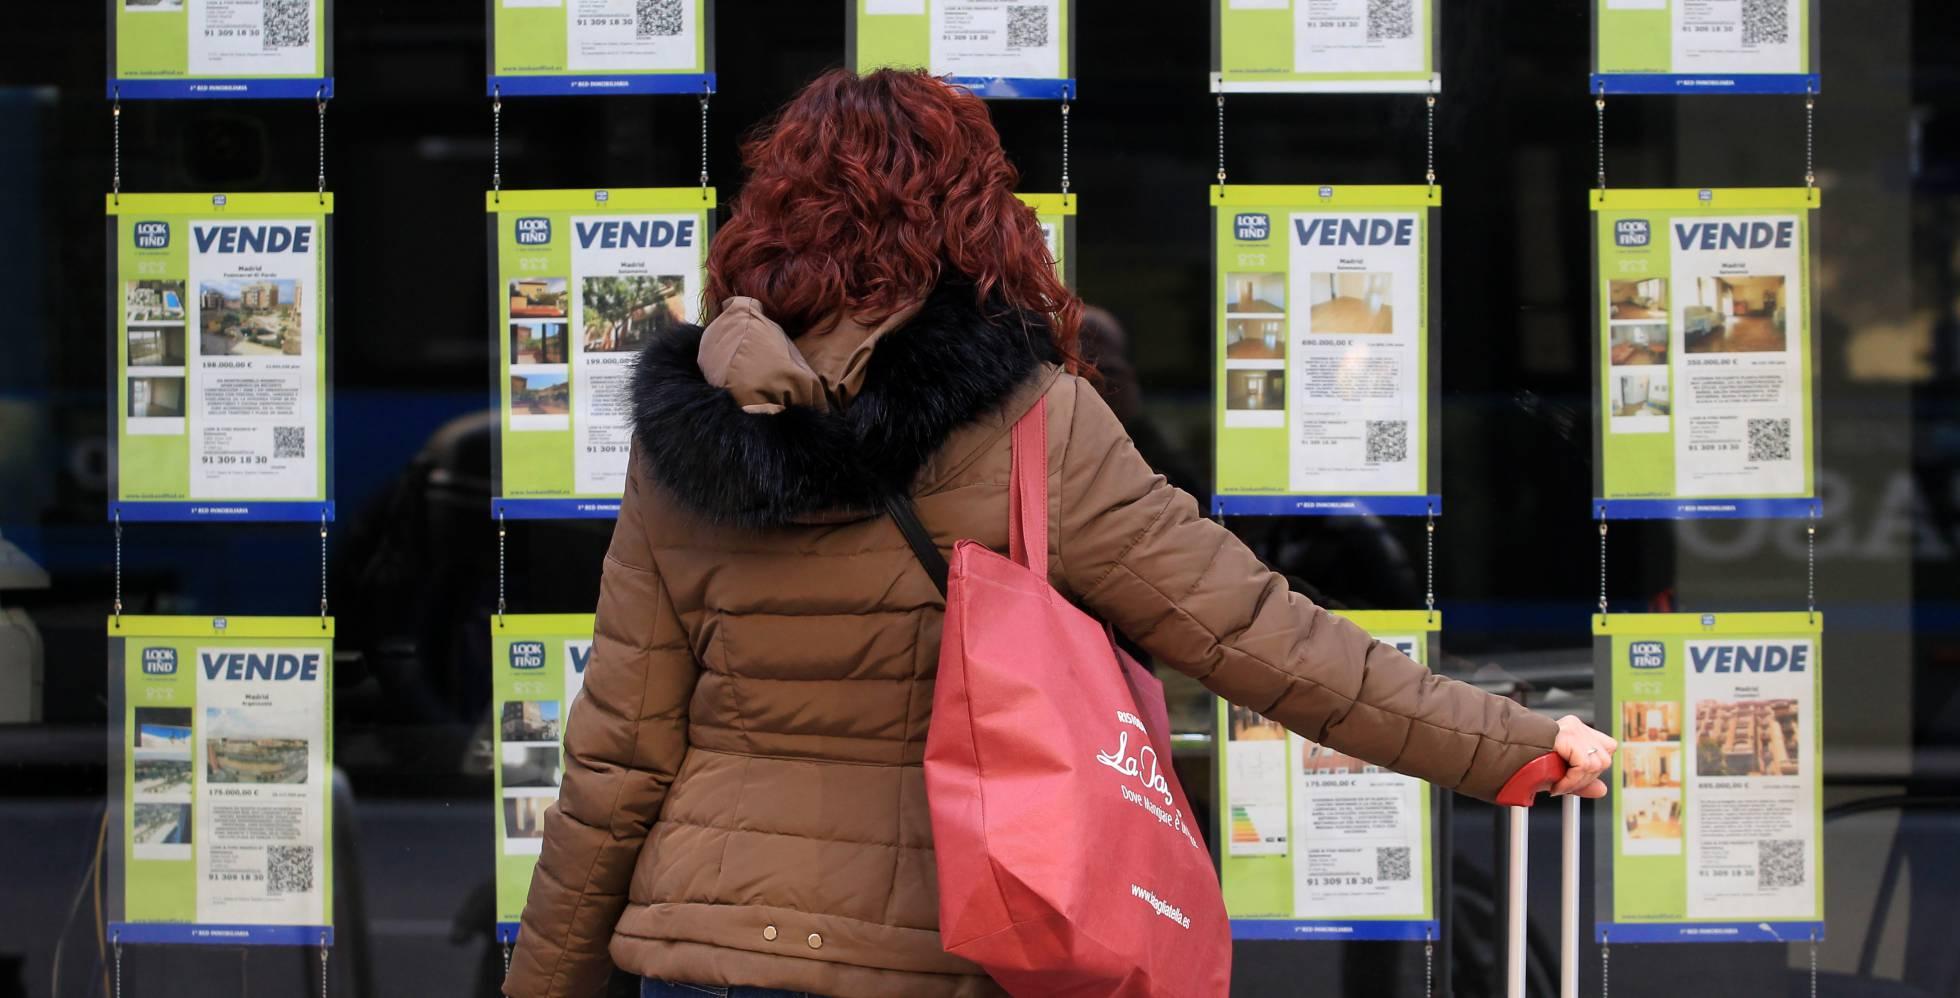 Tienes una vivienda vacía, ¿mejor venderla o alquilarla?